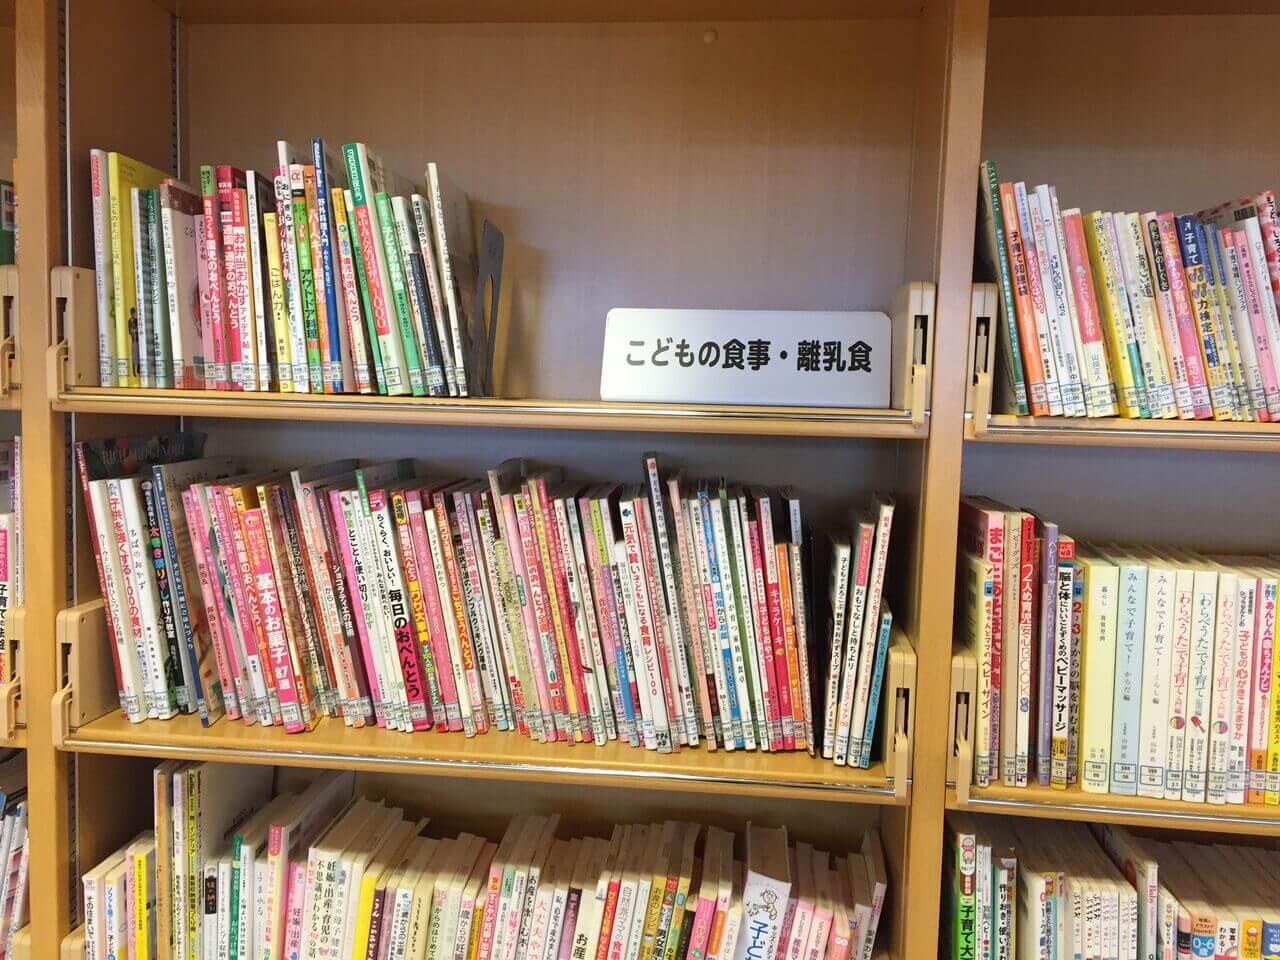 大人向けの本も置いてあります-001